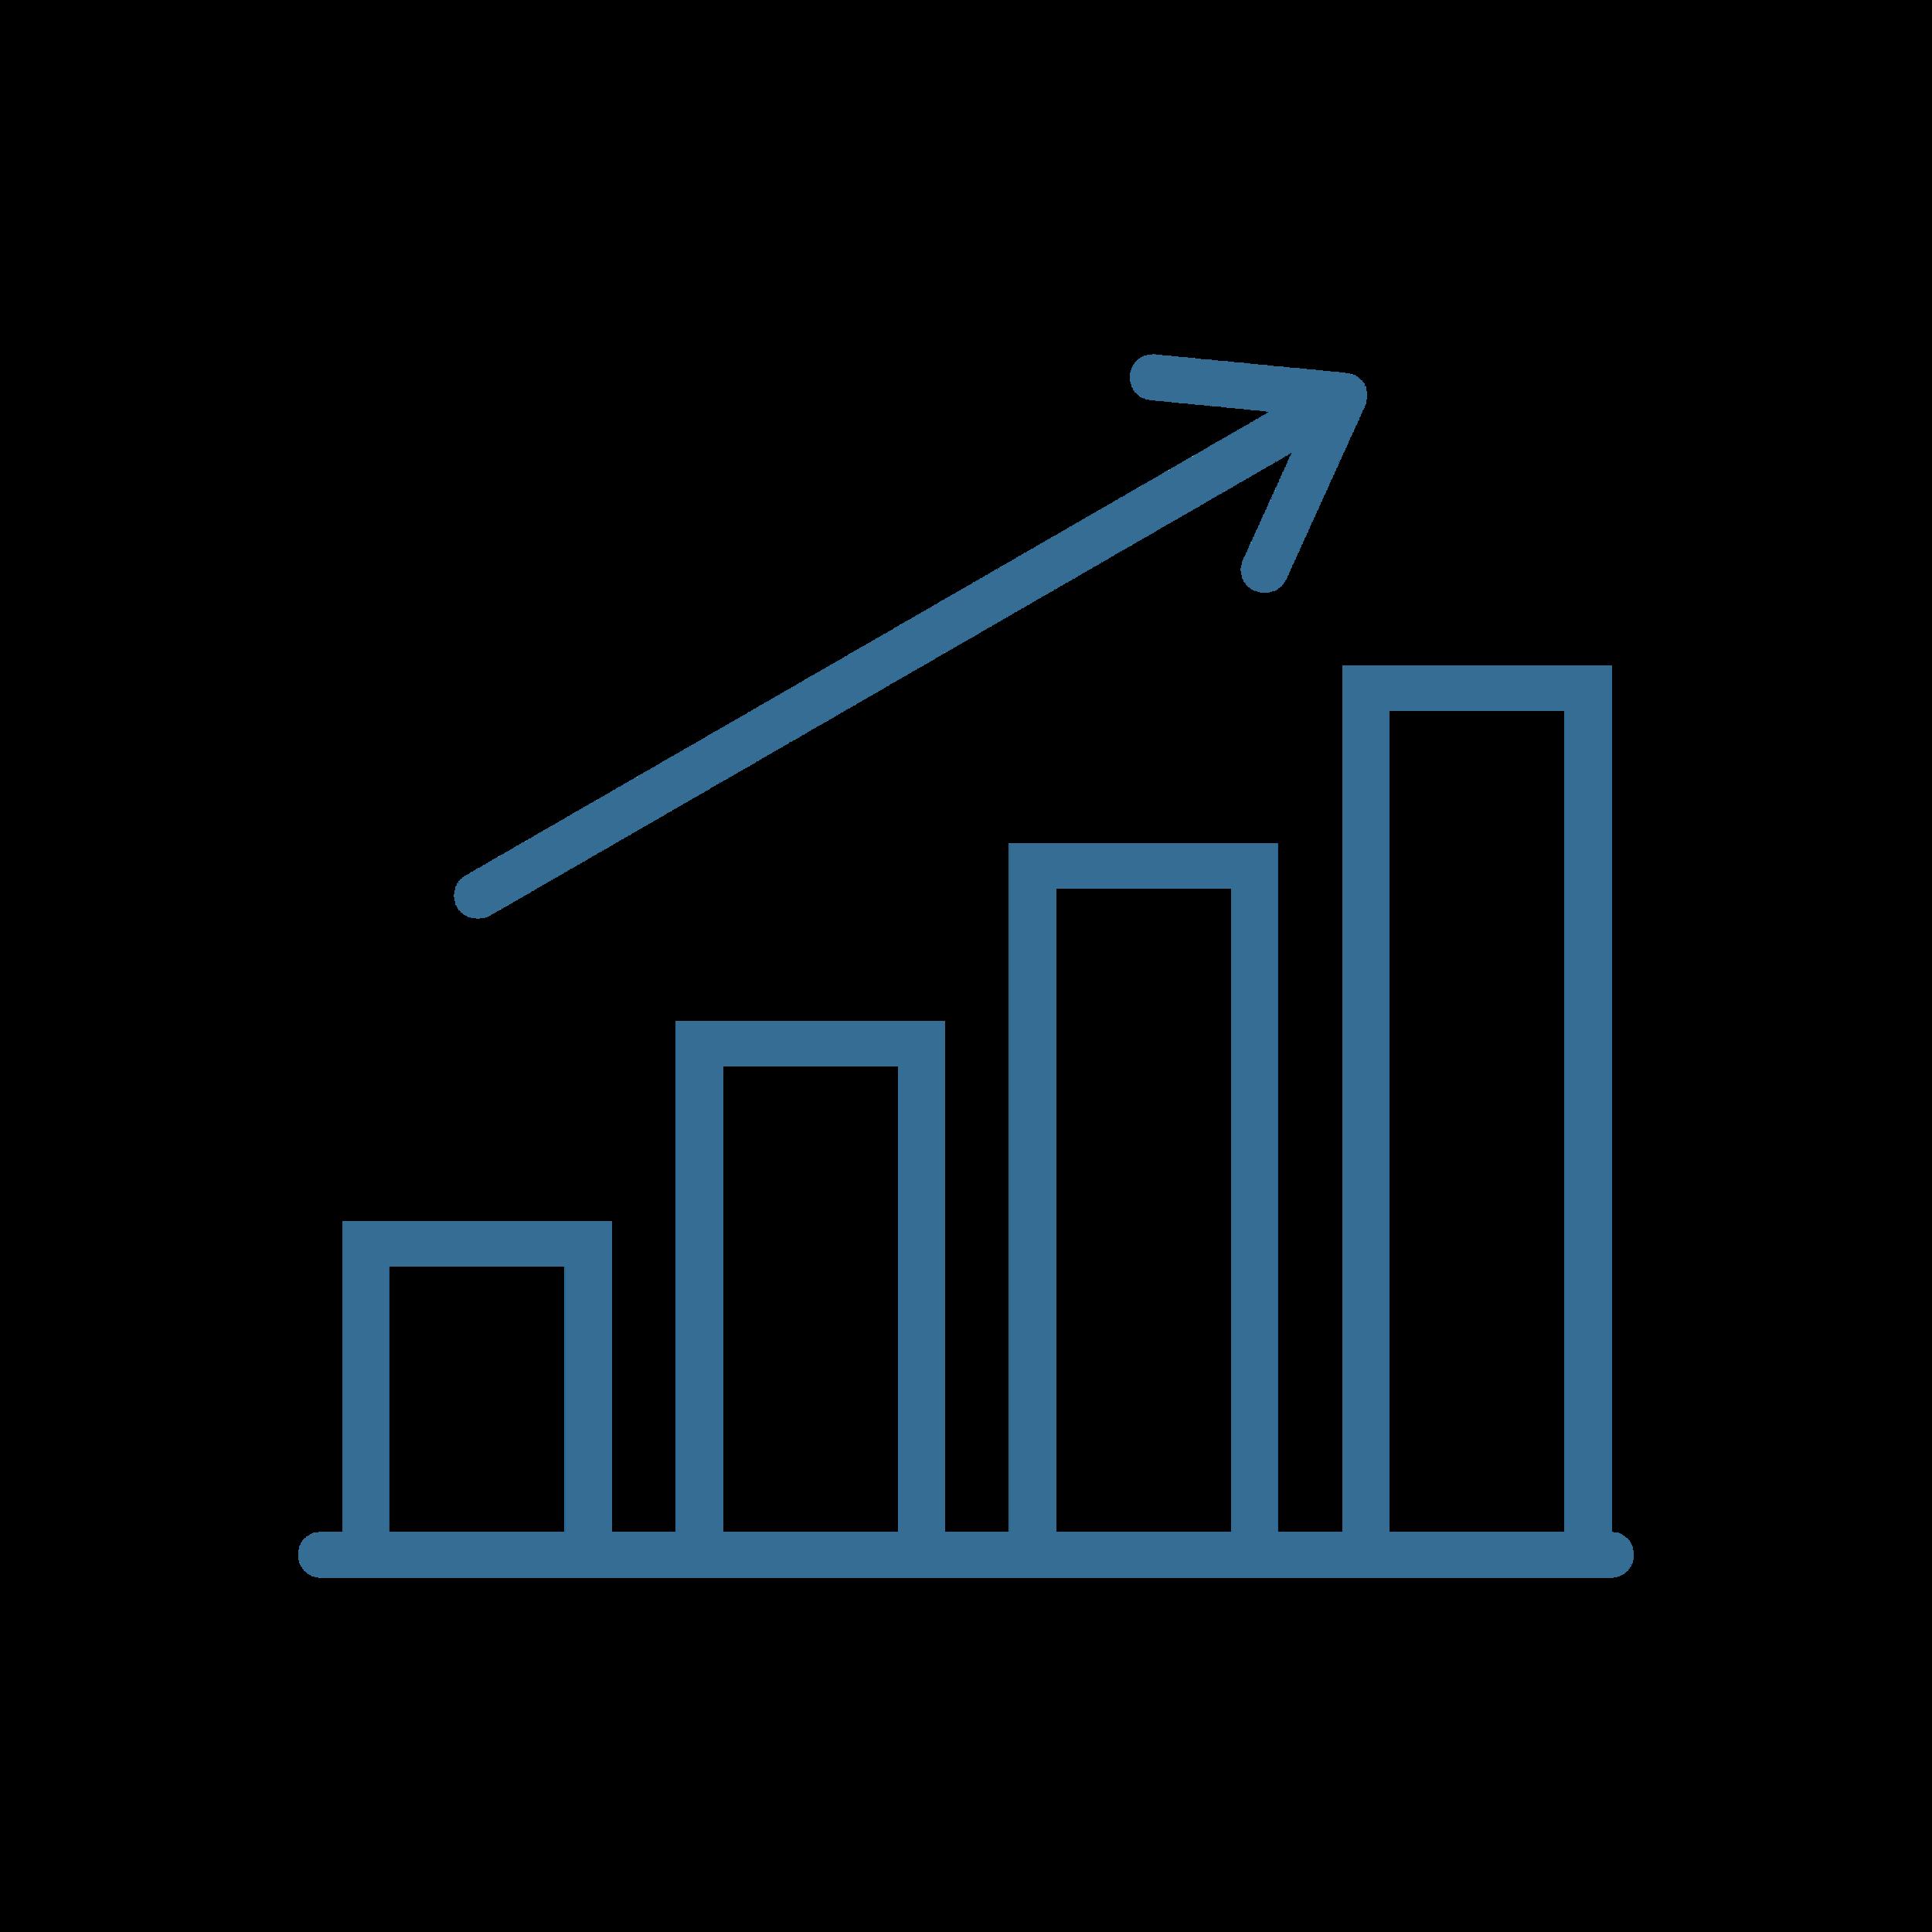 noun_Growing Stats_319663.png